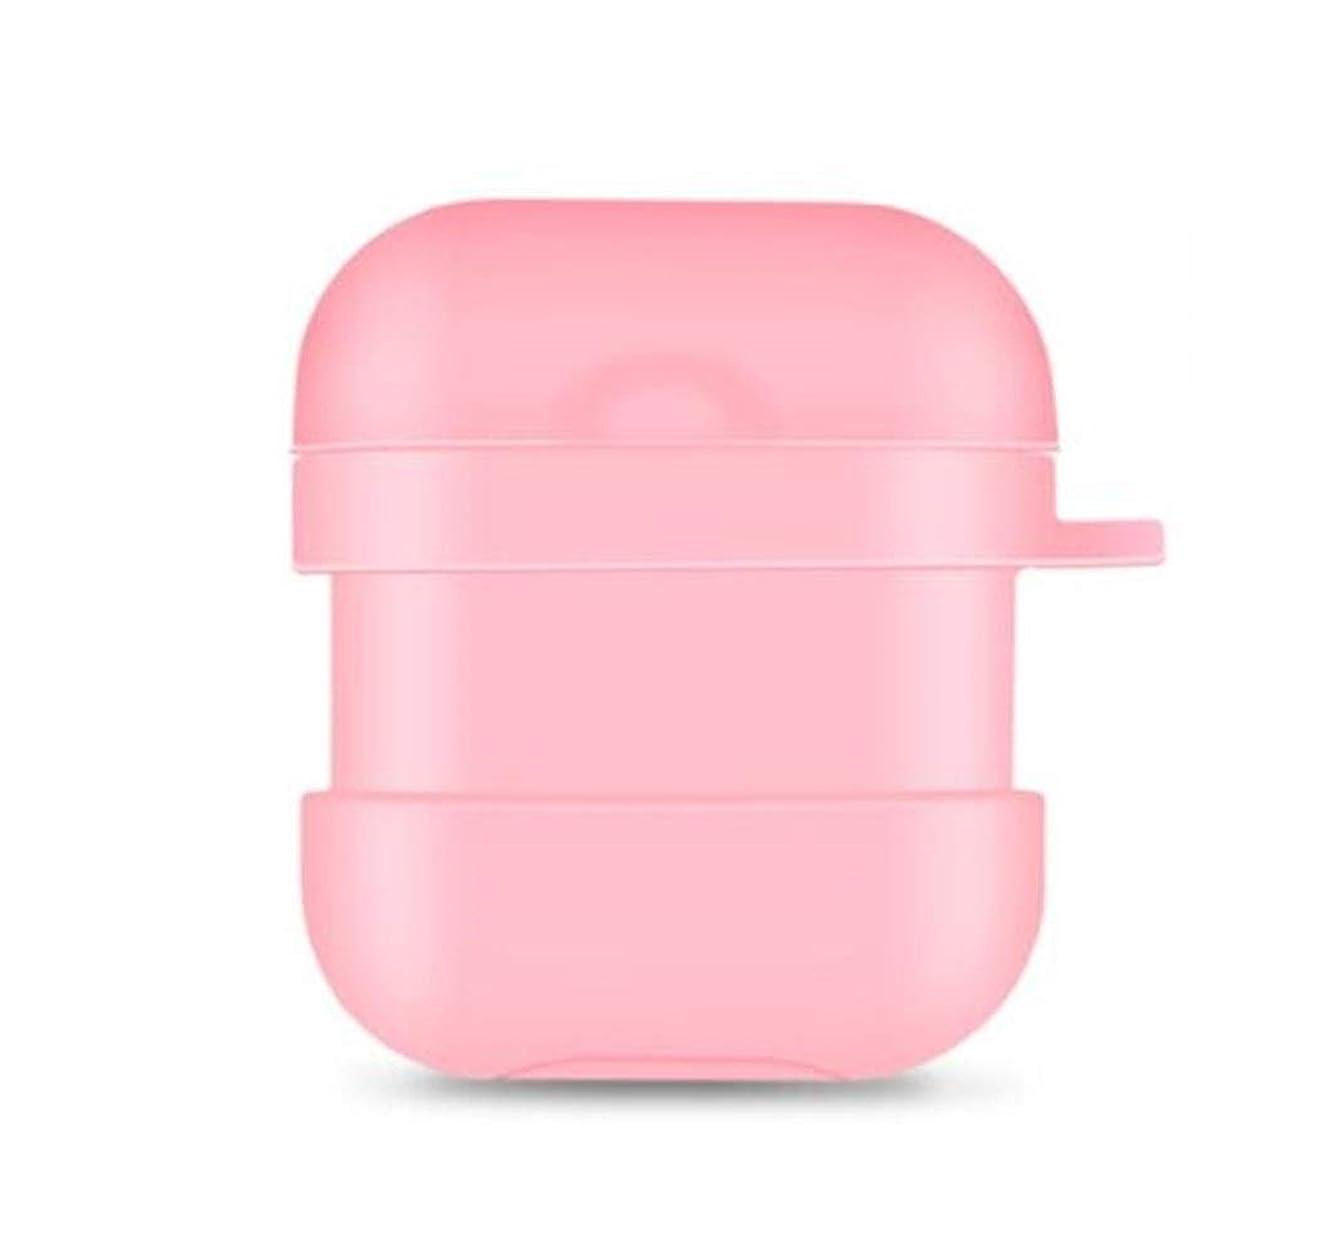 回復オペレーターニンニクHongyunshanghang001 ヘッドセットセット、AirPodsケースシリコンケース - Airpods2ワイヤレスBluetoothヘッドセットセット - 紛失防止ロープフック - カップルプレゼント - パウダー 繊細で美しい (Color : Pink)